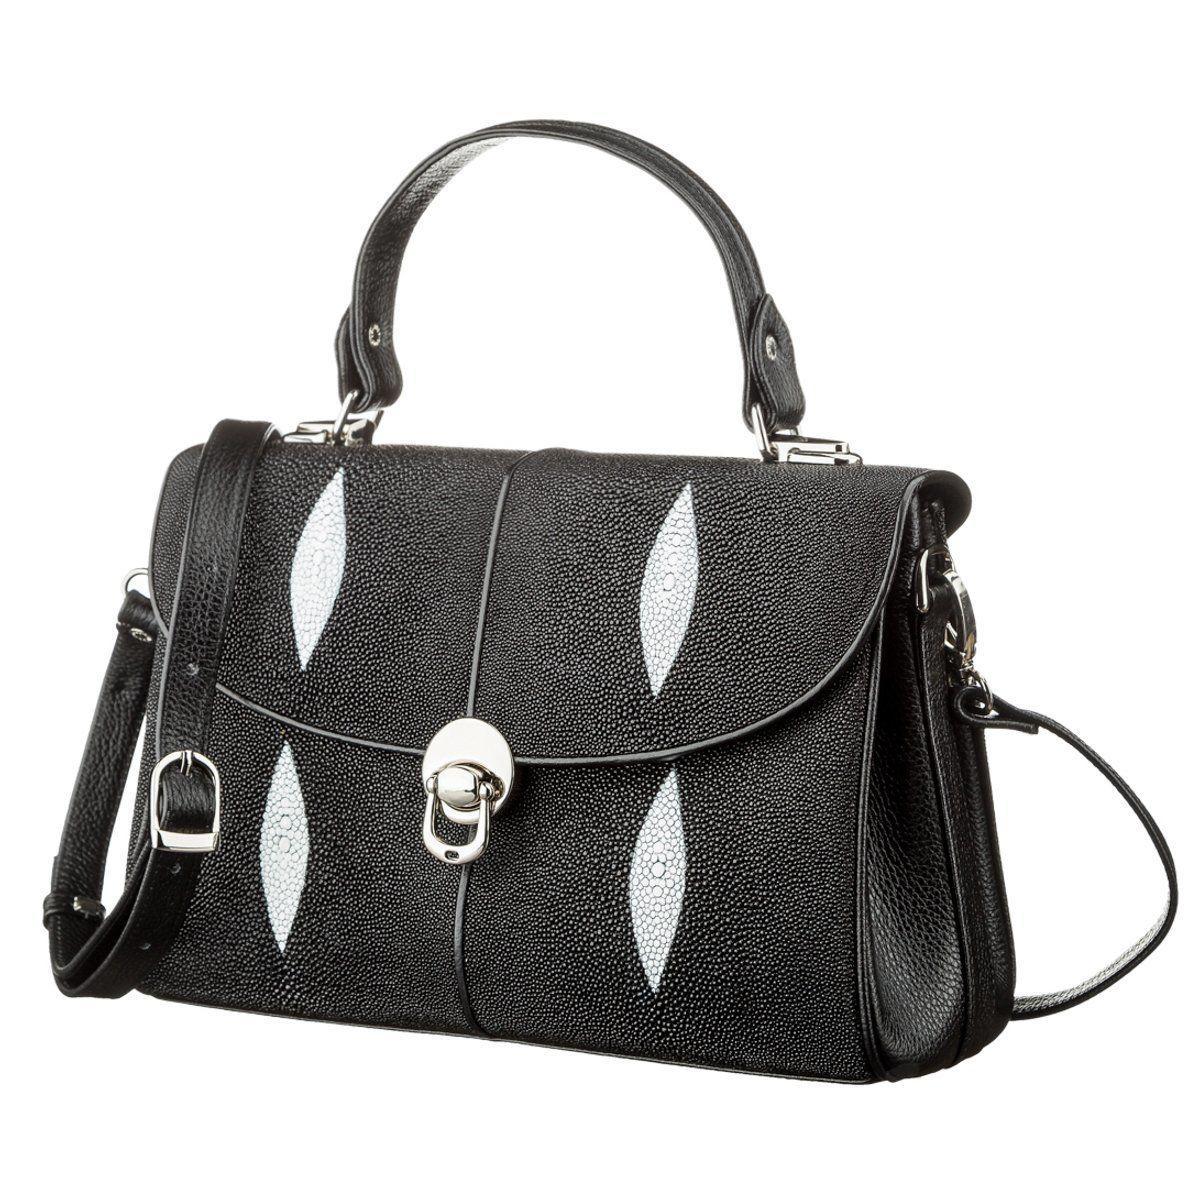 Сумка Женская Stingray Leather 18612 Из Натуральной Кожи Морского Ската Черная, Черный